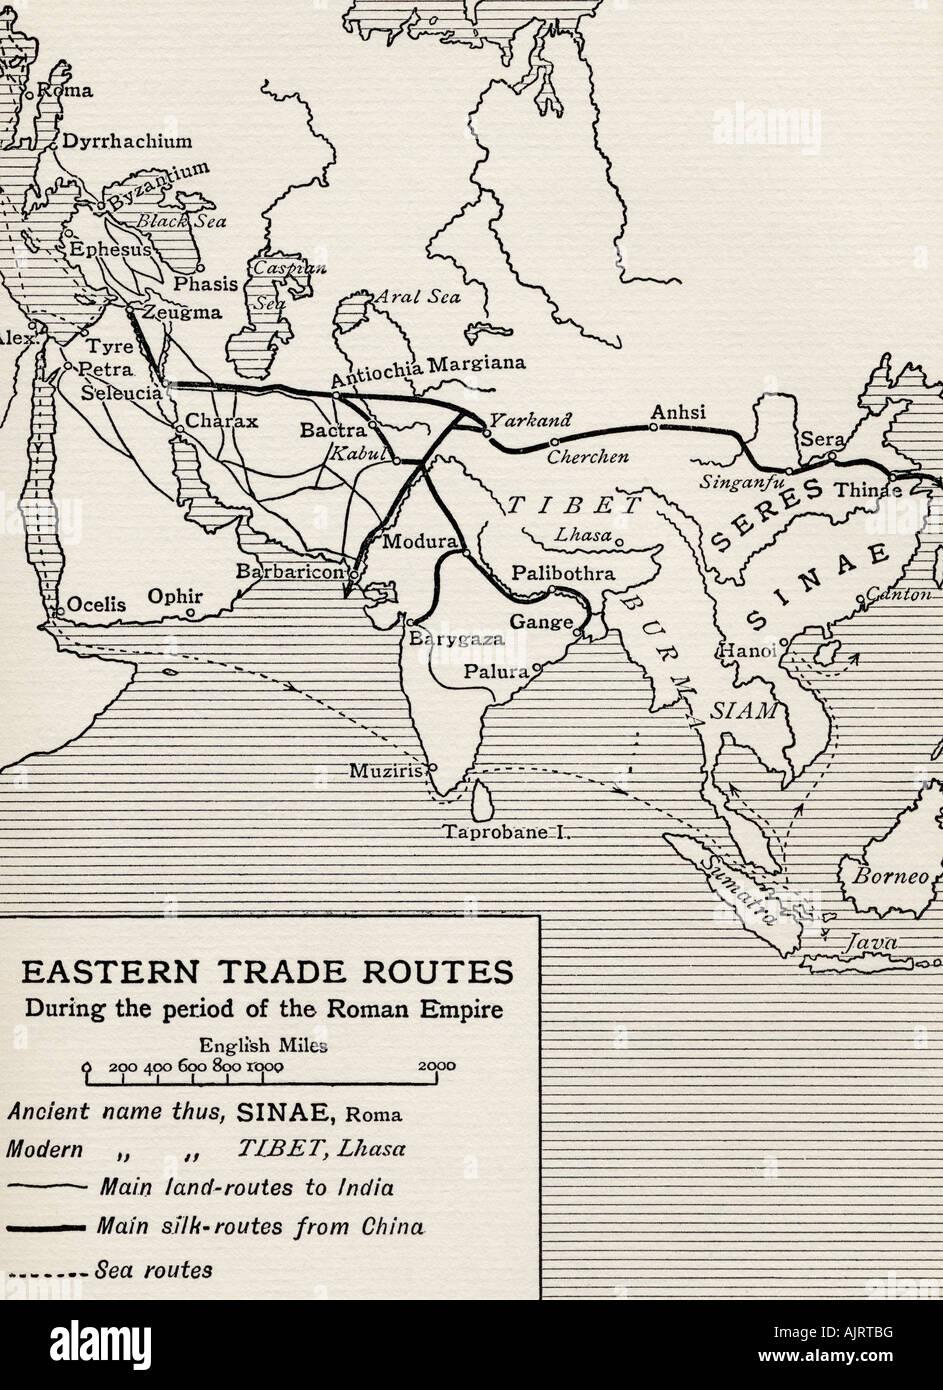 Les routes commerciales de l'Est au cours de la période de l'Empire romain à partir de l'ouvrage Photo Stock